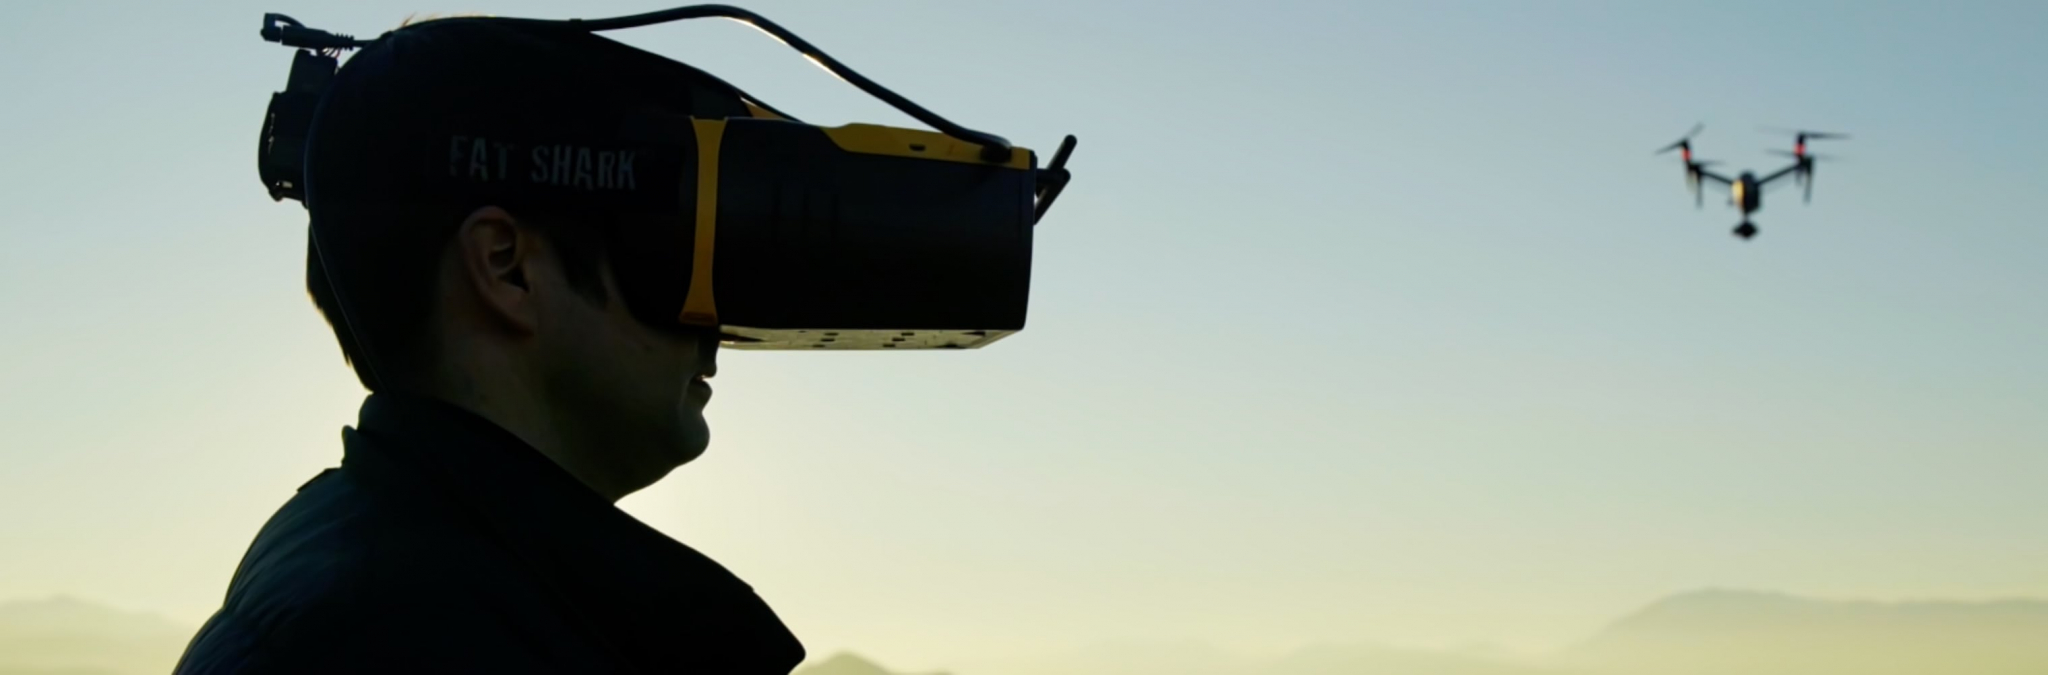 hombre con gafas para ver la imagen de un dron que esta volando